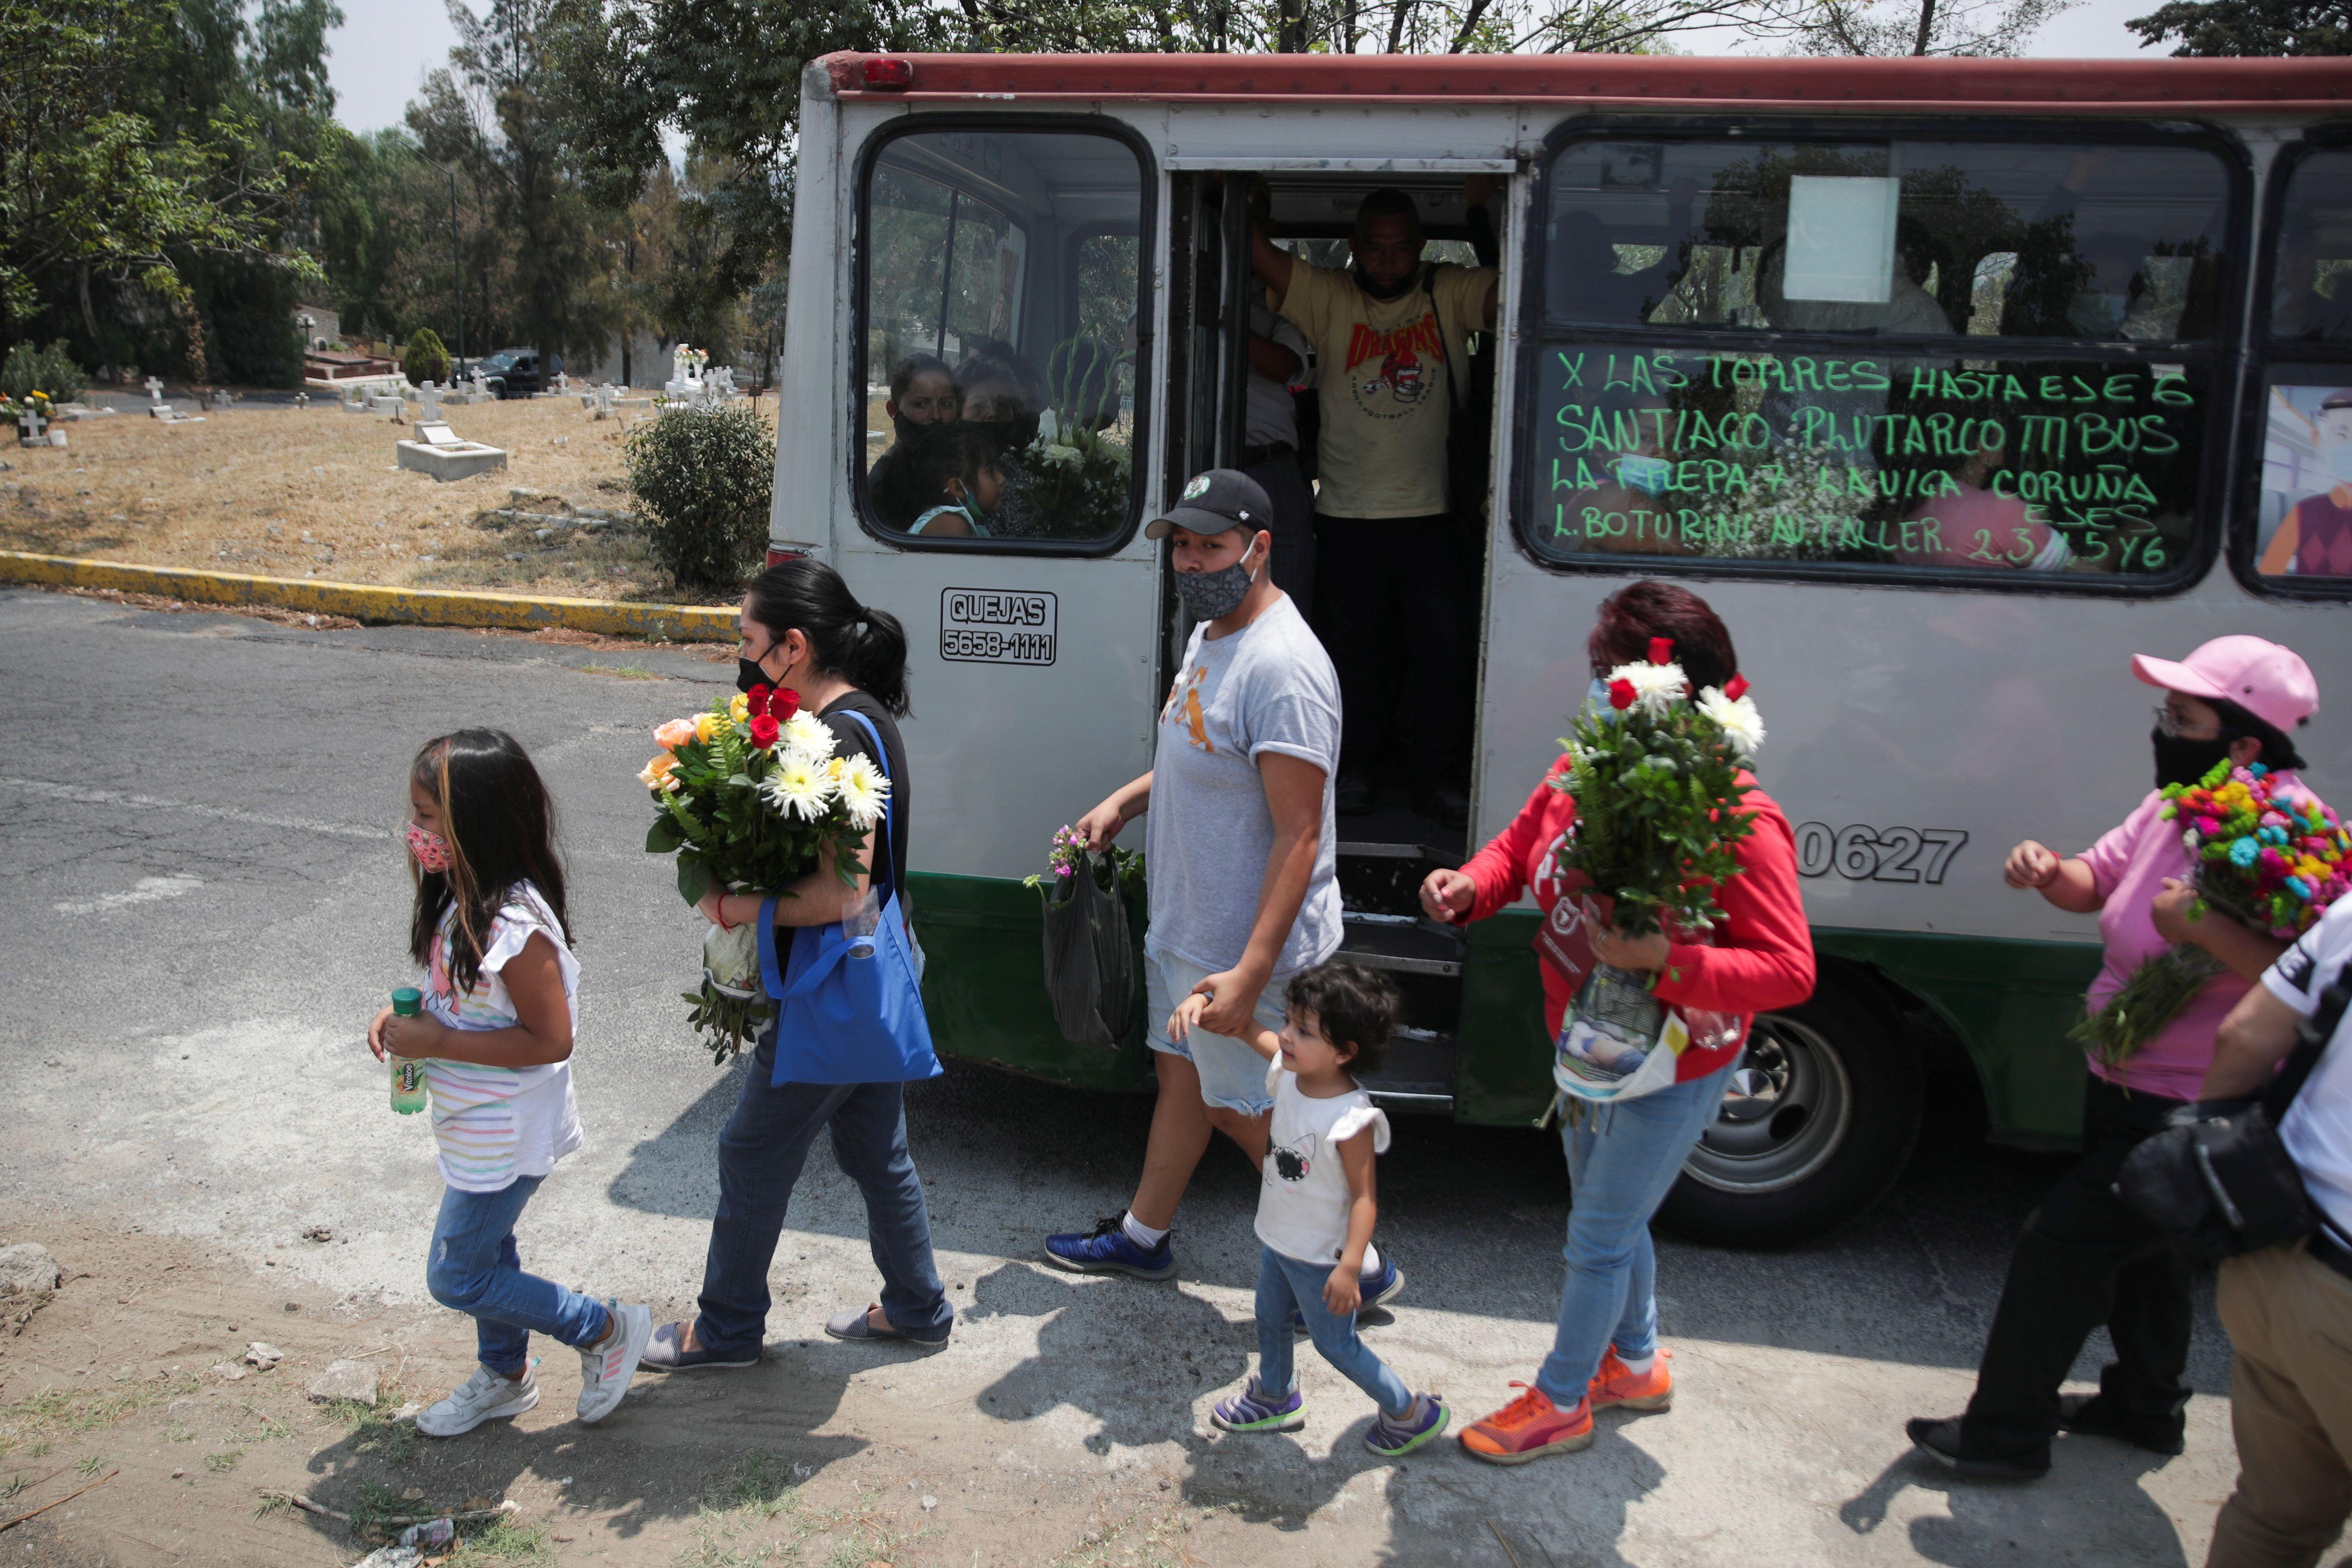 La Ciudad de México ha reportado indicadores favorables de la epidemia en las últimas semanas (Foto: Reuters / Henry Romero)